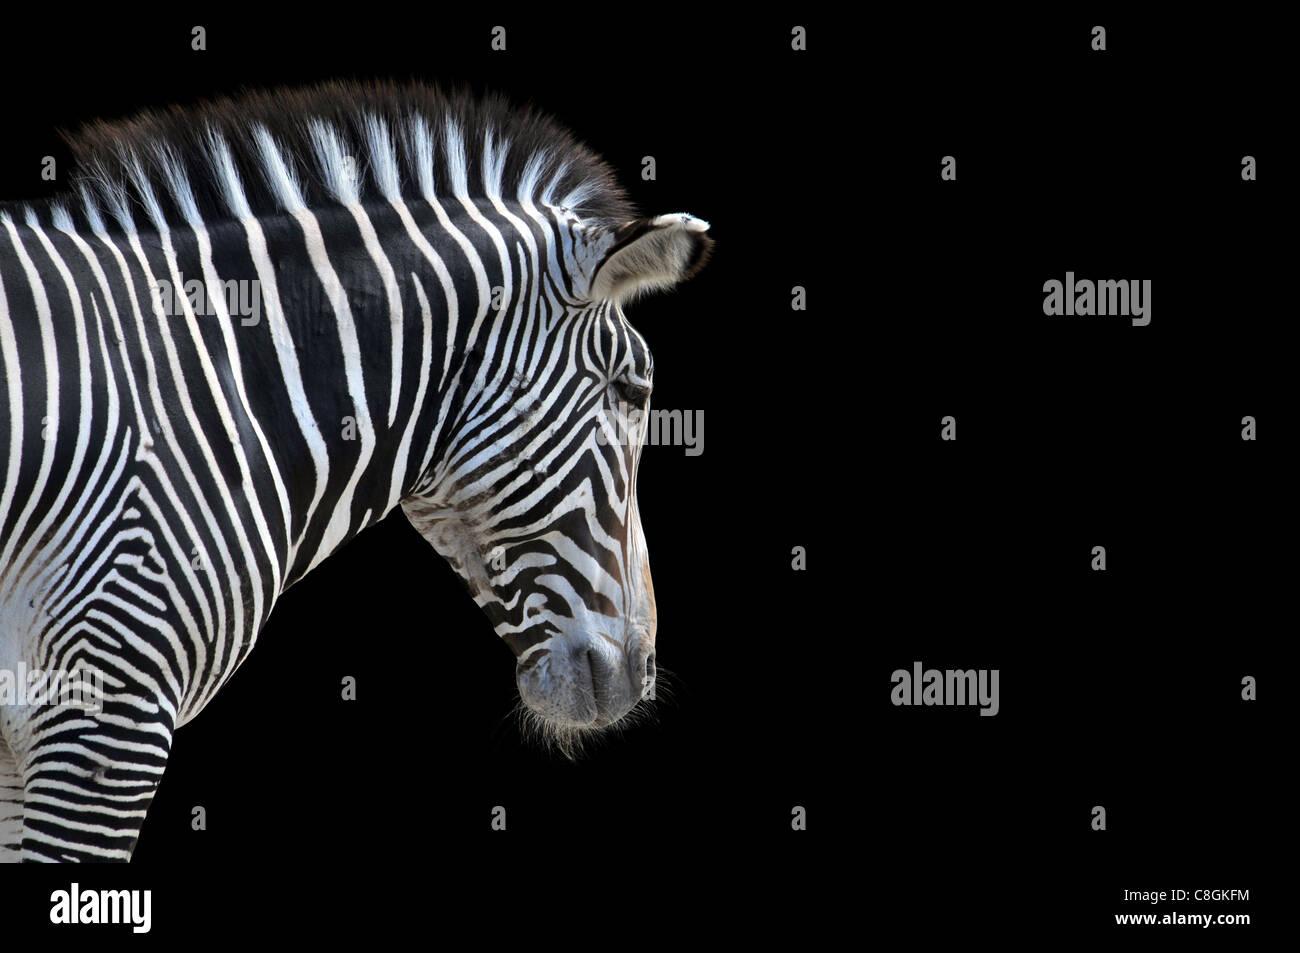 Retrato de Zebra aislado en un fondo negro con espacio para texto Imagen De Stock